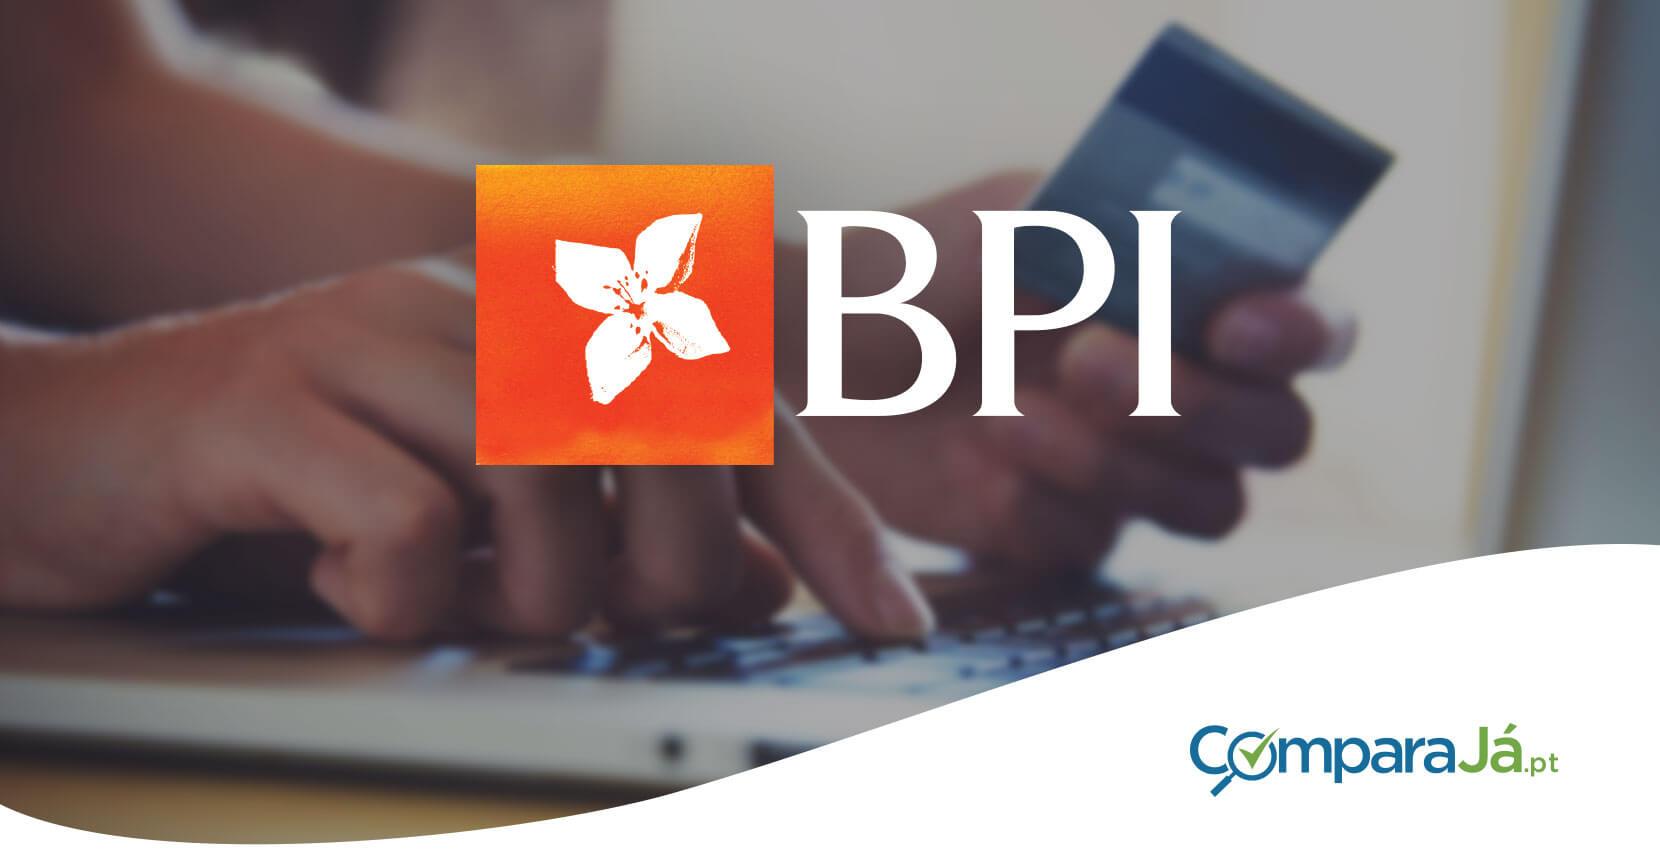 BPI Cash